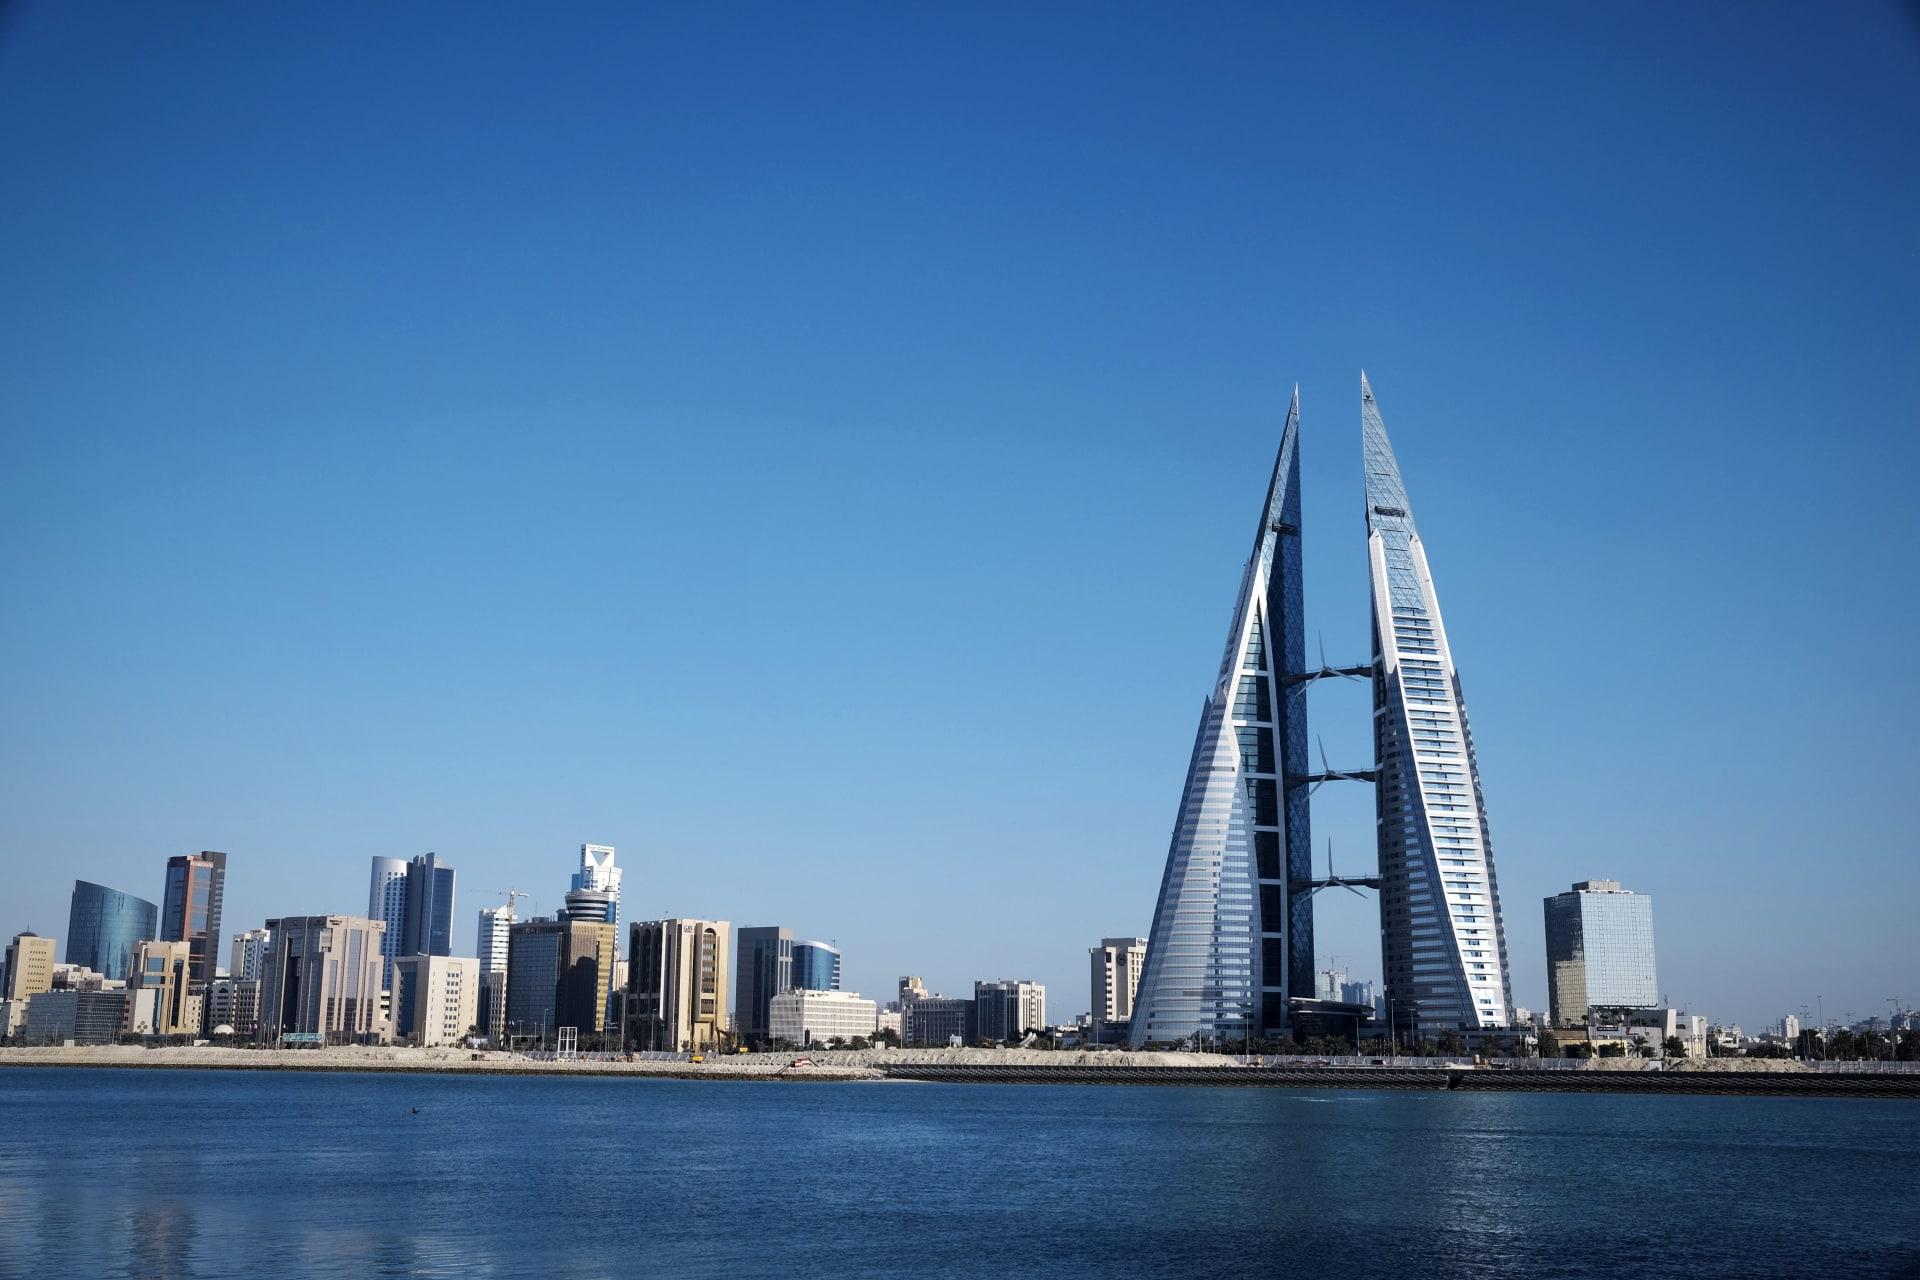 البحرين تطالب مواطنيها بمغادرة إيران والعراق وعدم السفر إليهما